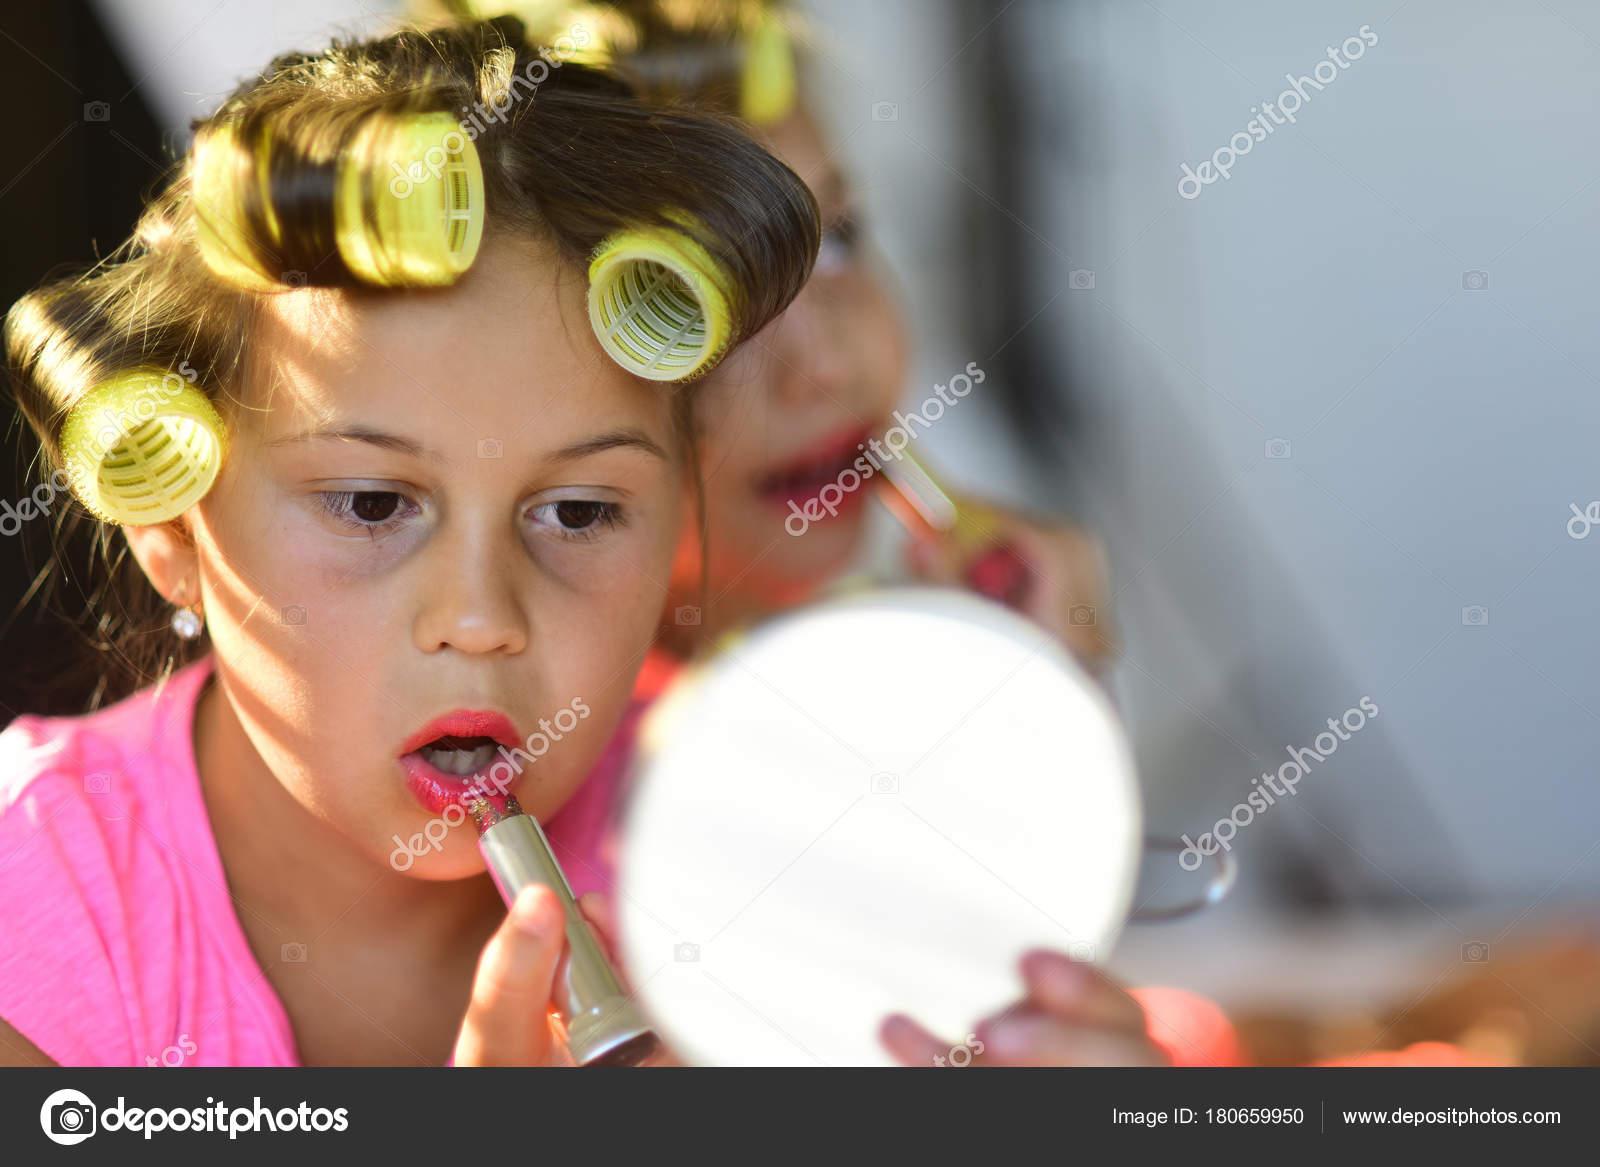 a3fb7cc343f Τα παιδιά με κραγιόν ματιά στον καθρέφτη. Έννοια της ομορφιάς και της  μόδας. Μικρά κορίτσια με σίδερα χαμόγελο και Παίξτε με αξεσουάρ μακιγιάζ  στην ...